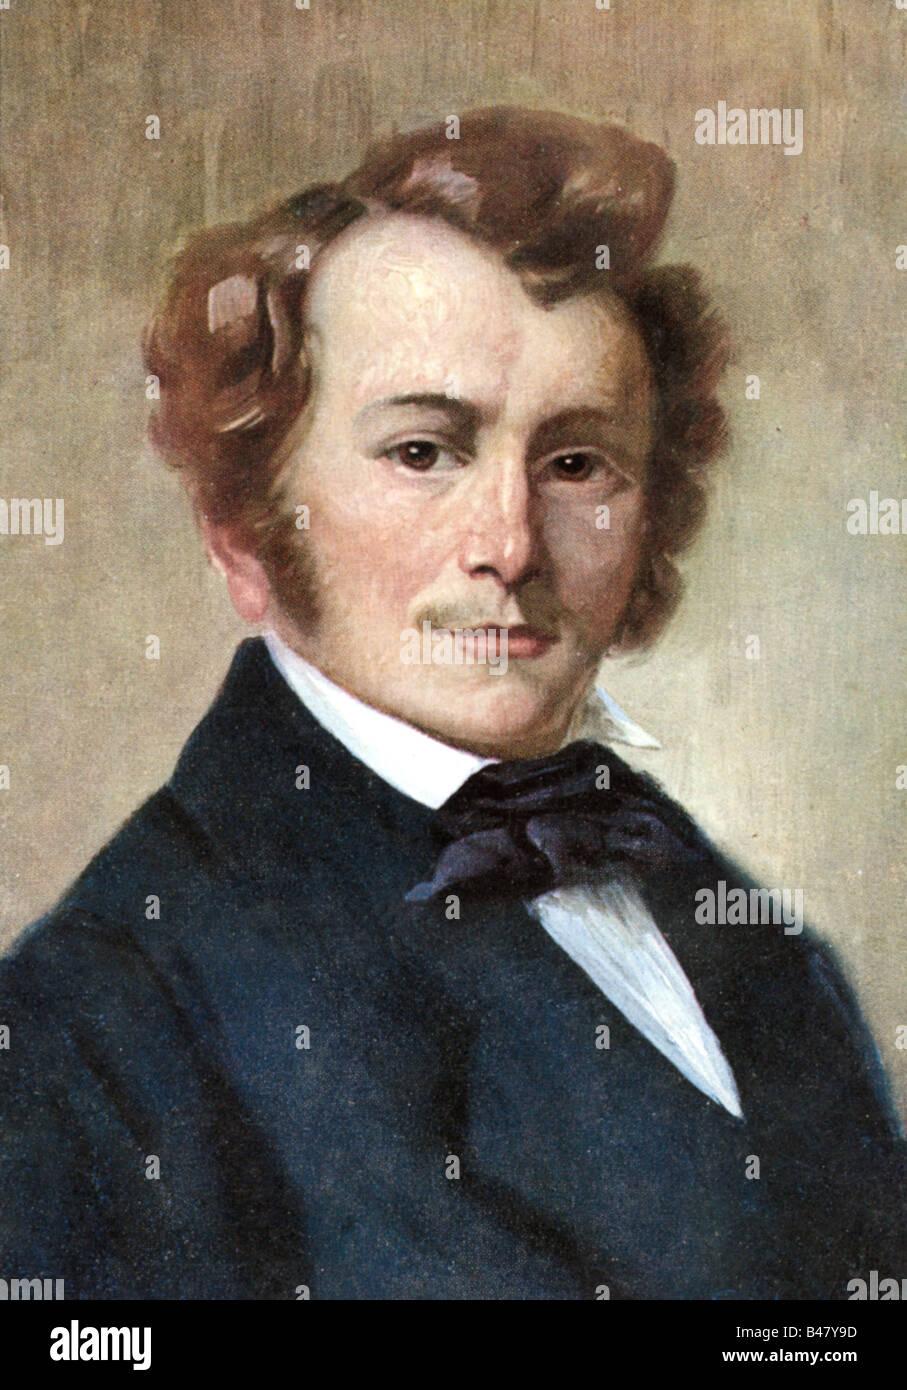 Lortzing, Albert, 23.10.1801 - 21.01.1851, compositor alemán, retrato, pintura de Robert Einhorn, circa 1910, Foto de stock